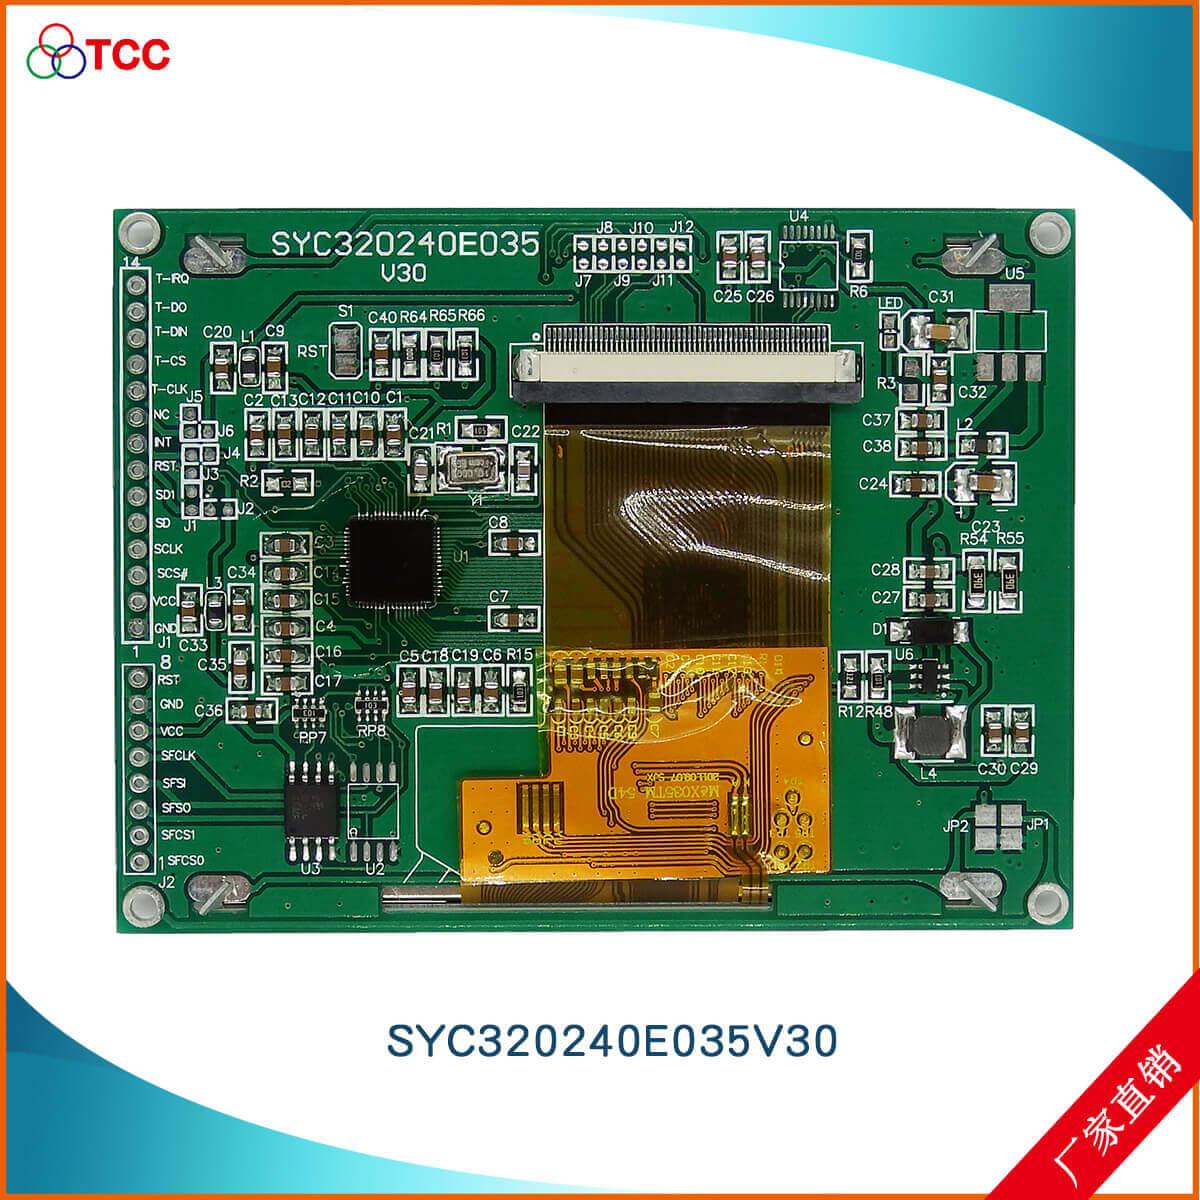 三元晶科技提供专业的320x240点阵TFT彩屏 工业液晶模组